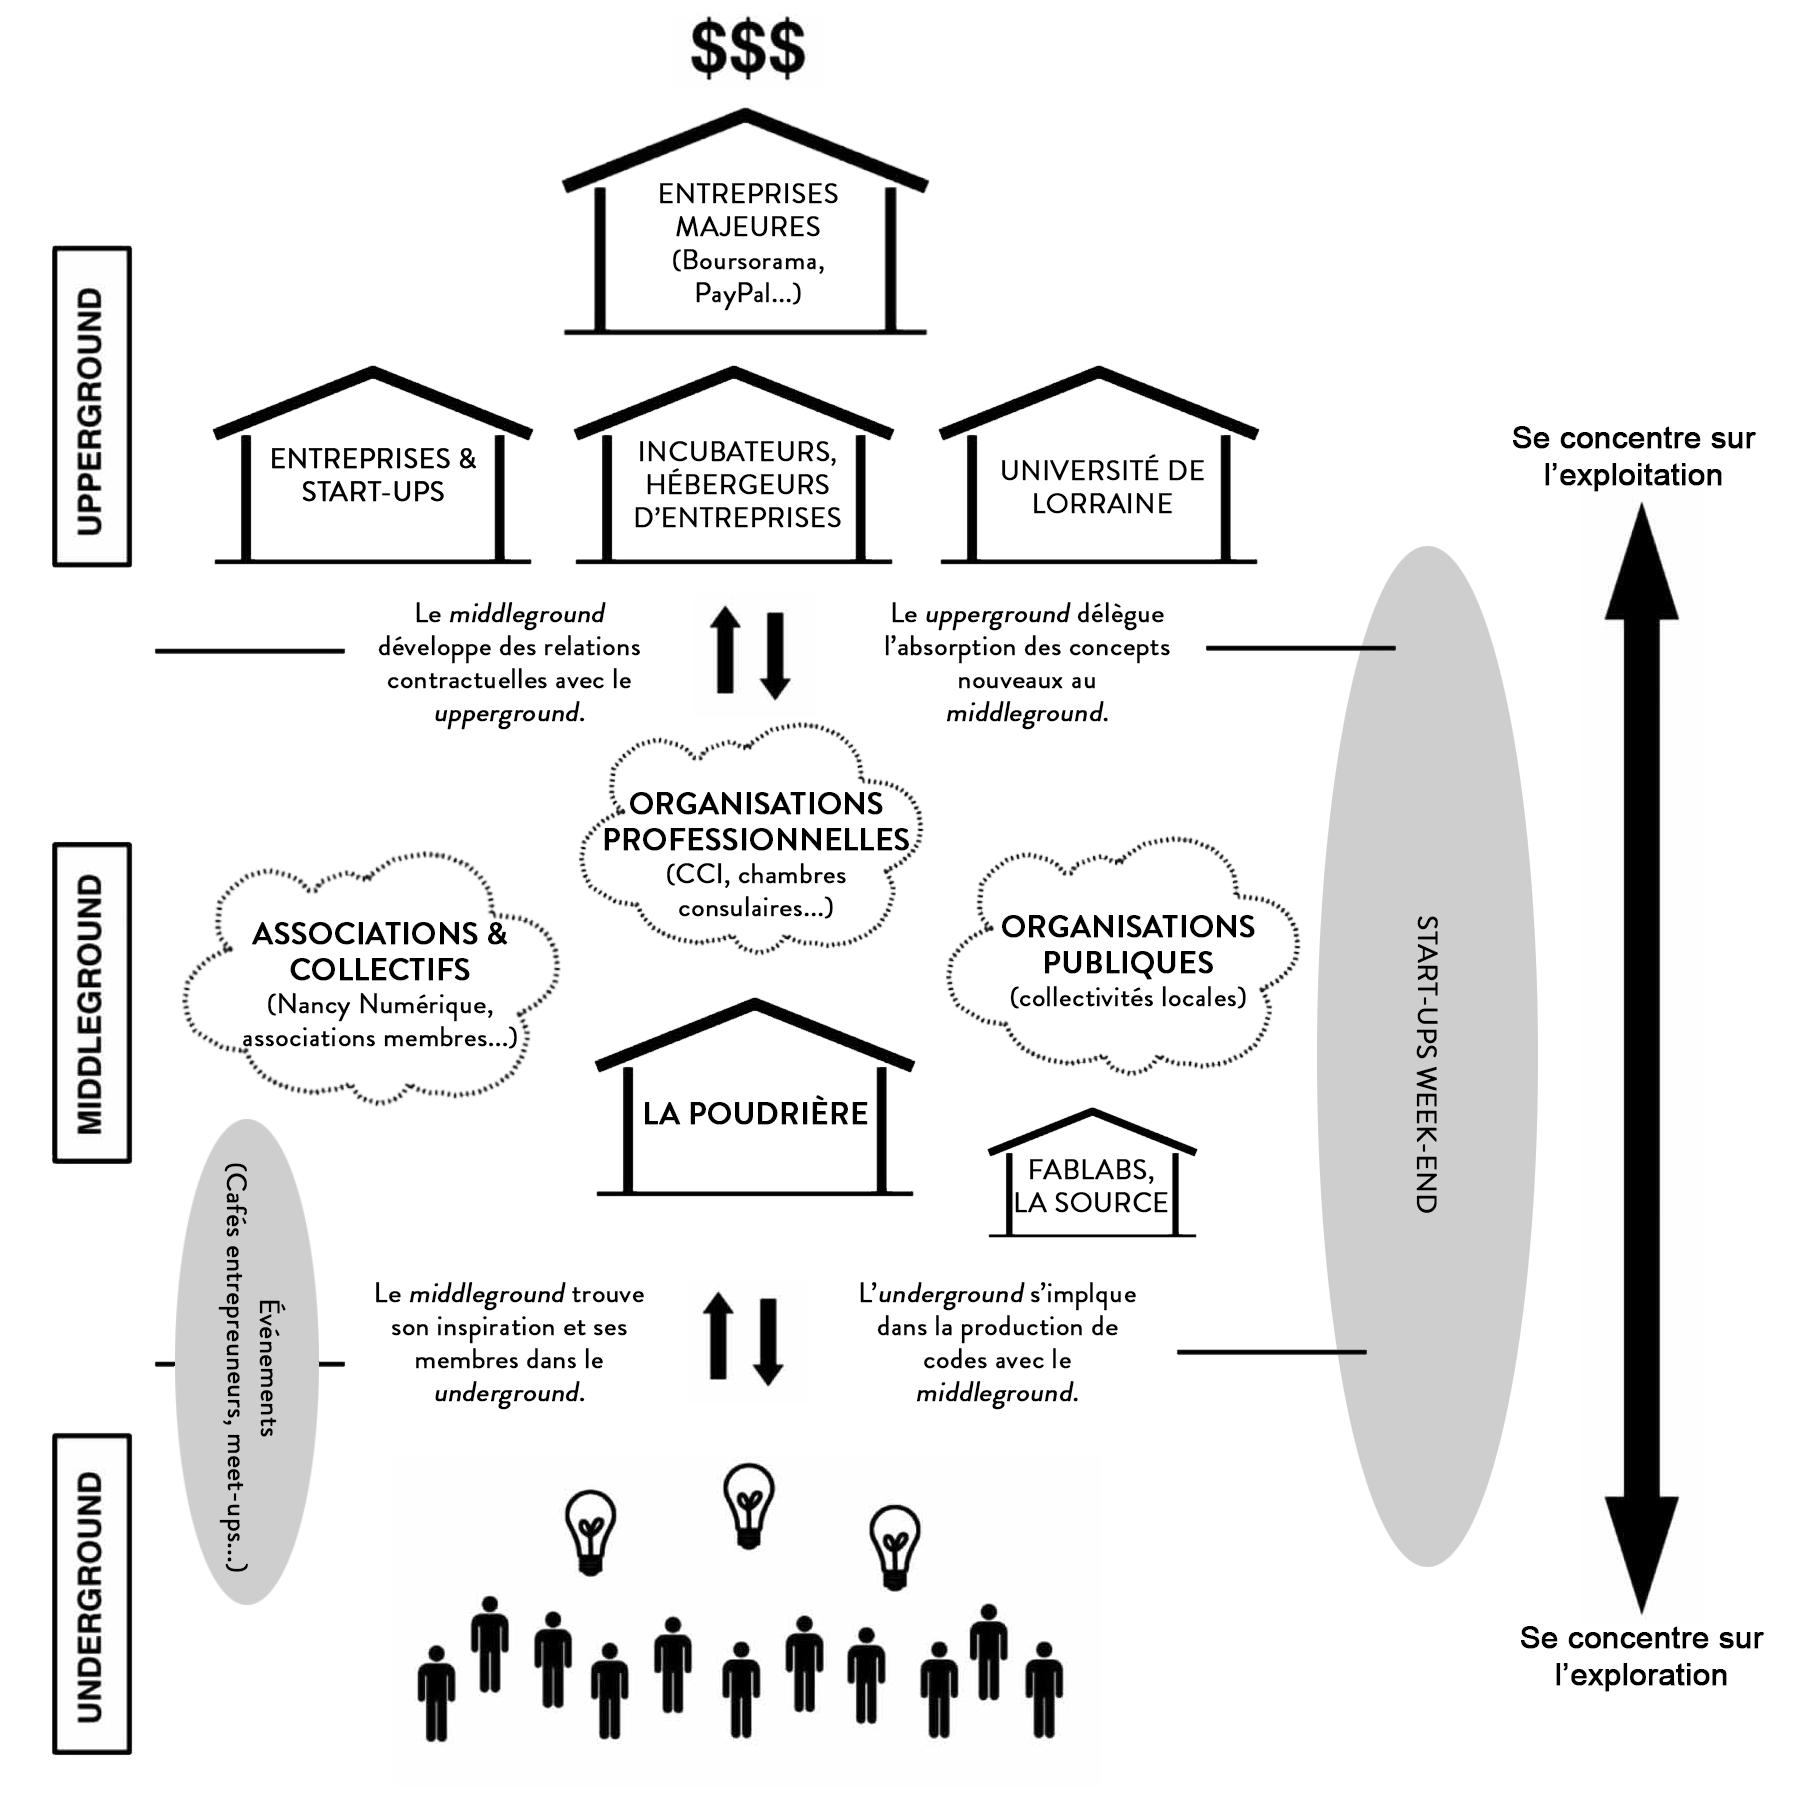 Schéma de l'éco-système d'innovation entourant la Poudrière à Nancy. Inspiré par les analyses de Cohendet.